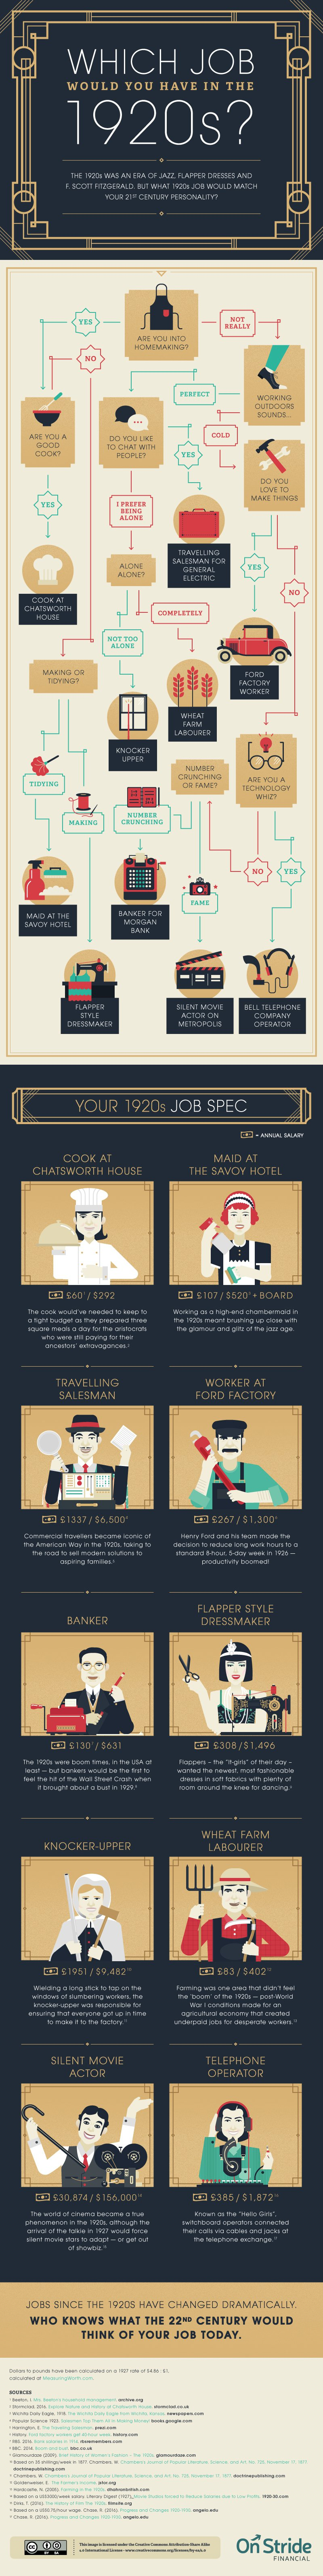 Une infographie pour connaître votre job idéal dans les années 1920